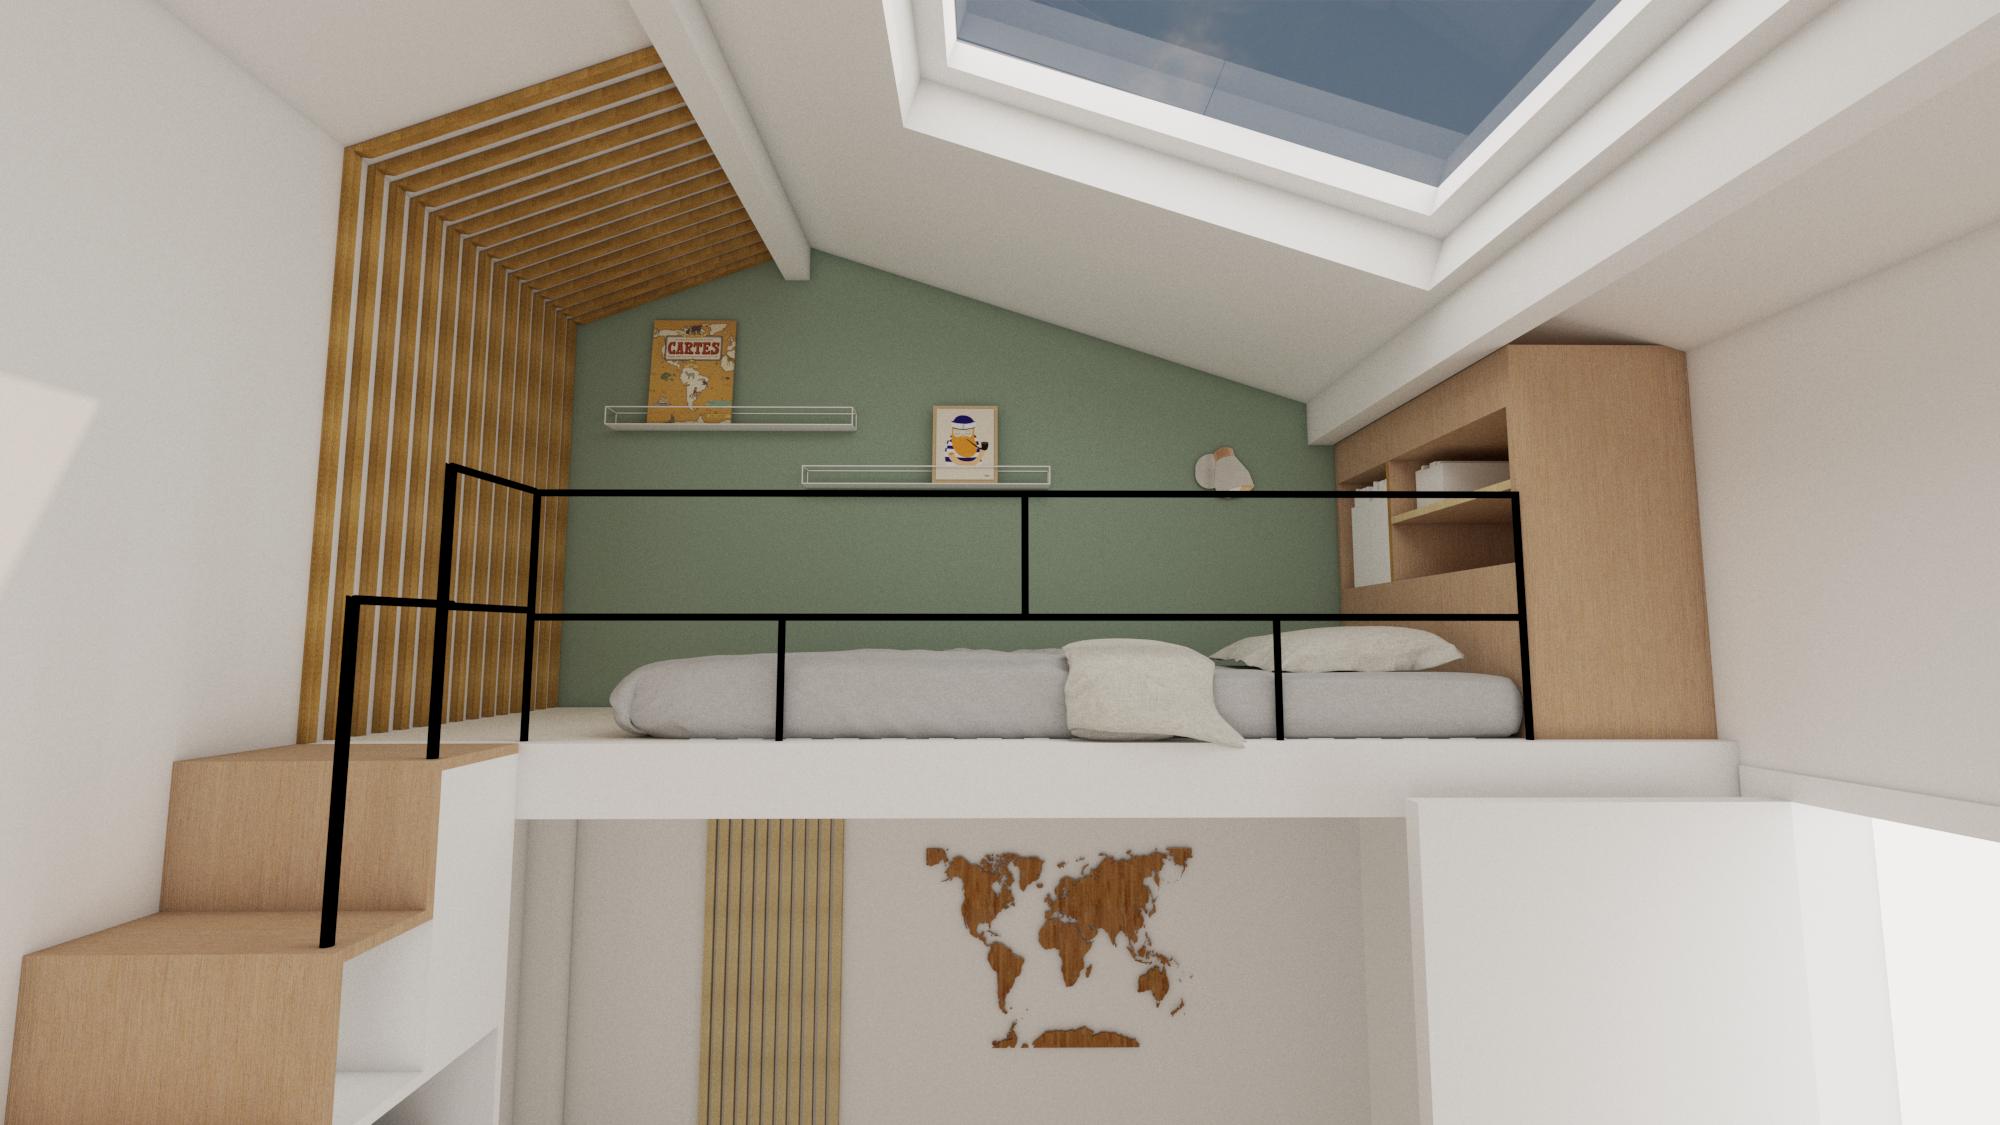 Lit mezzanine chambre d'enfant